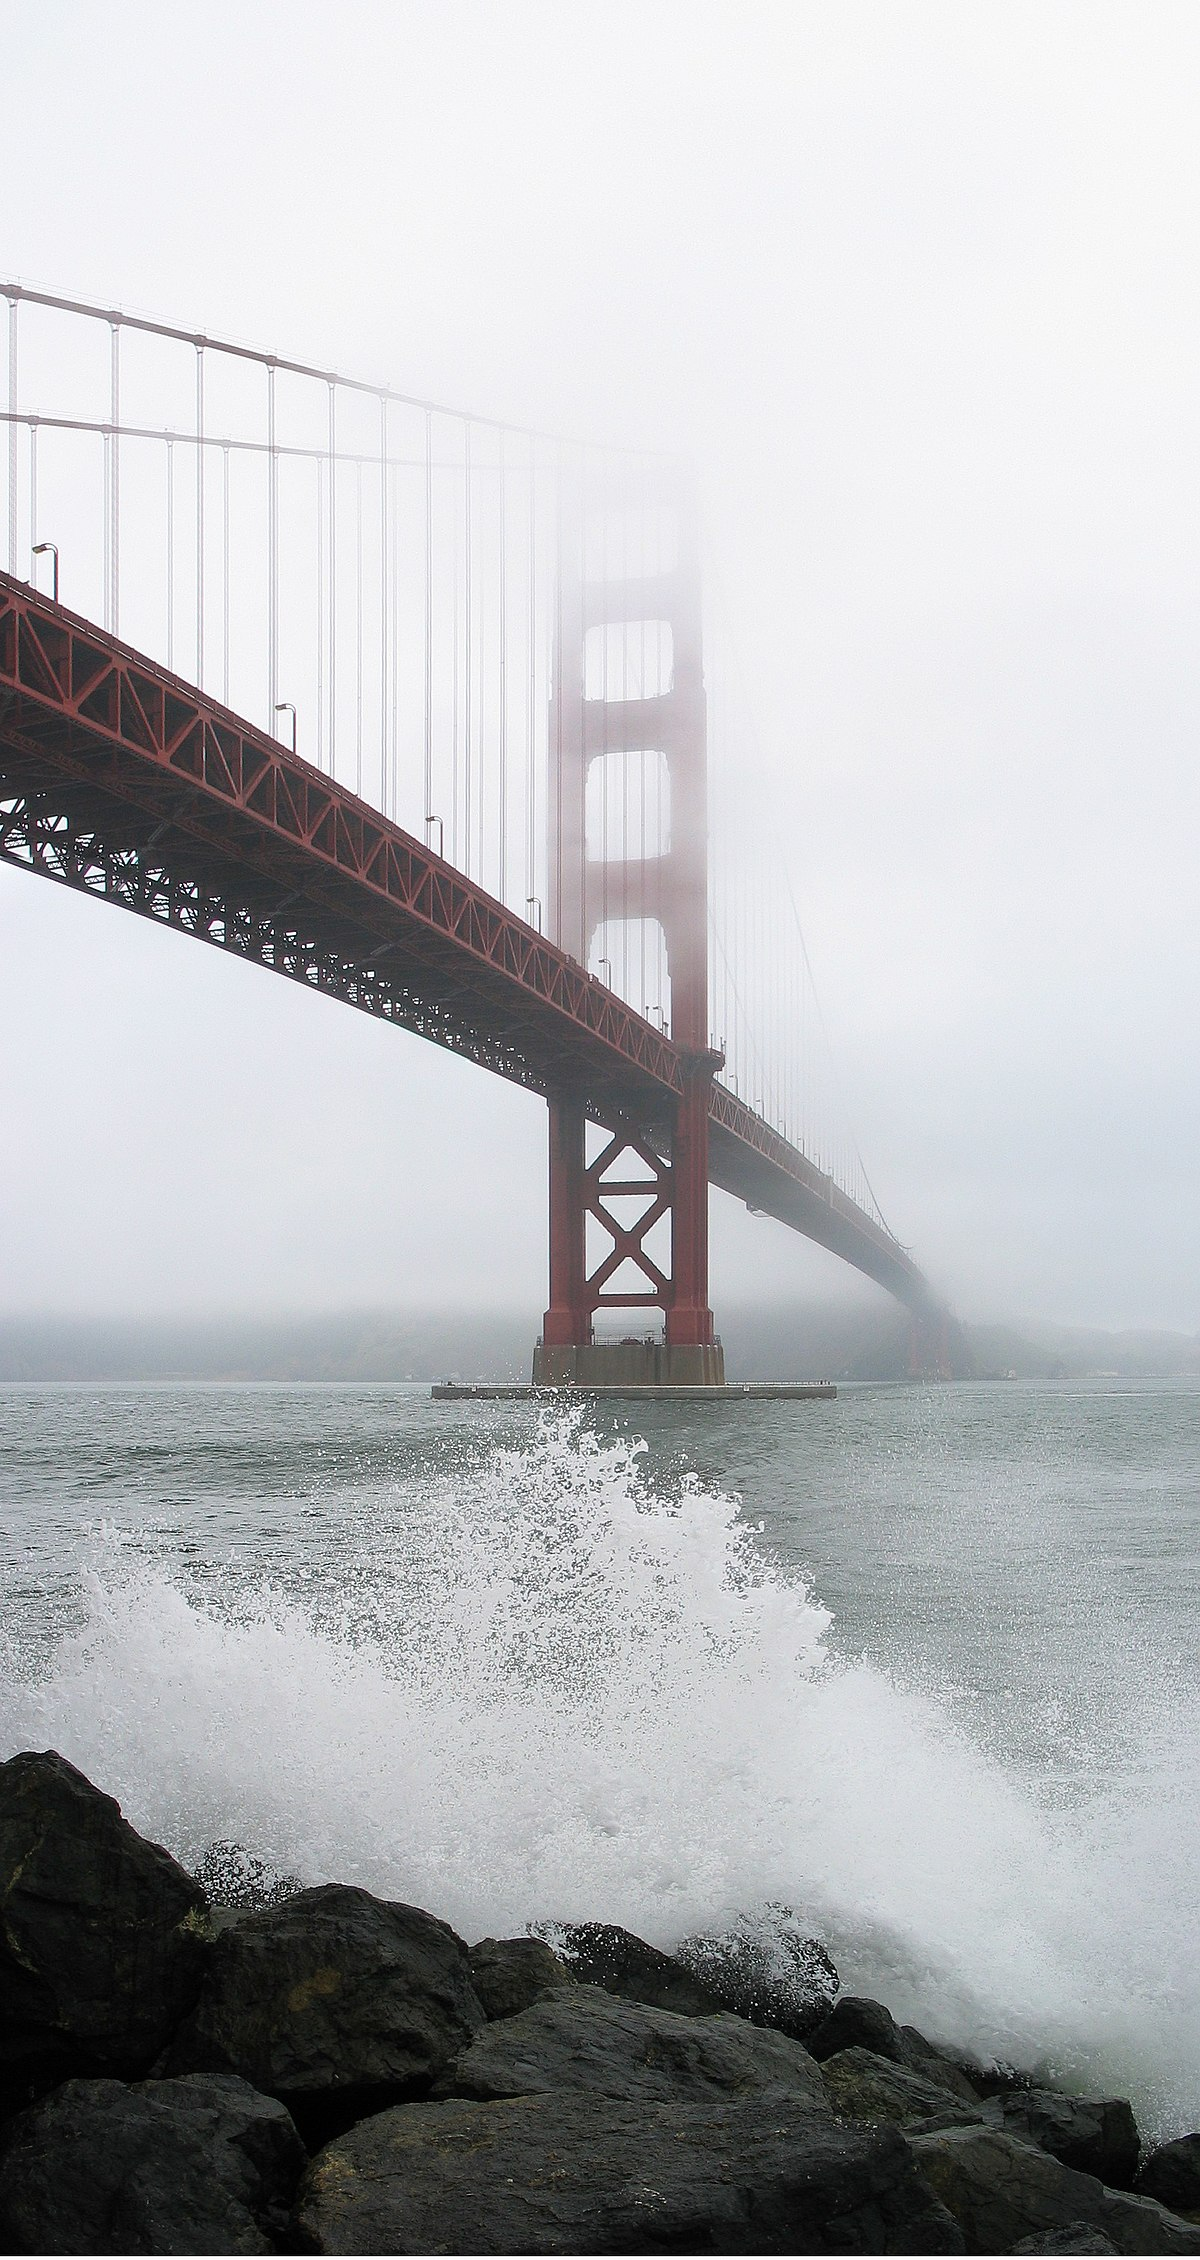 The Bridge Dokumentarfilm 2006 Wikipedia